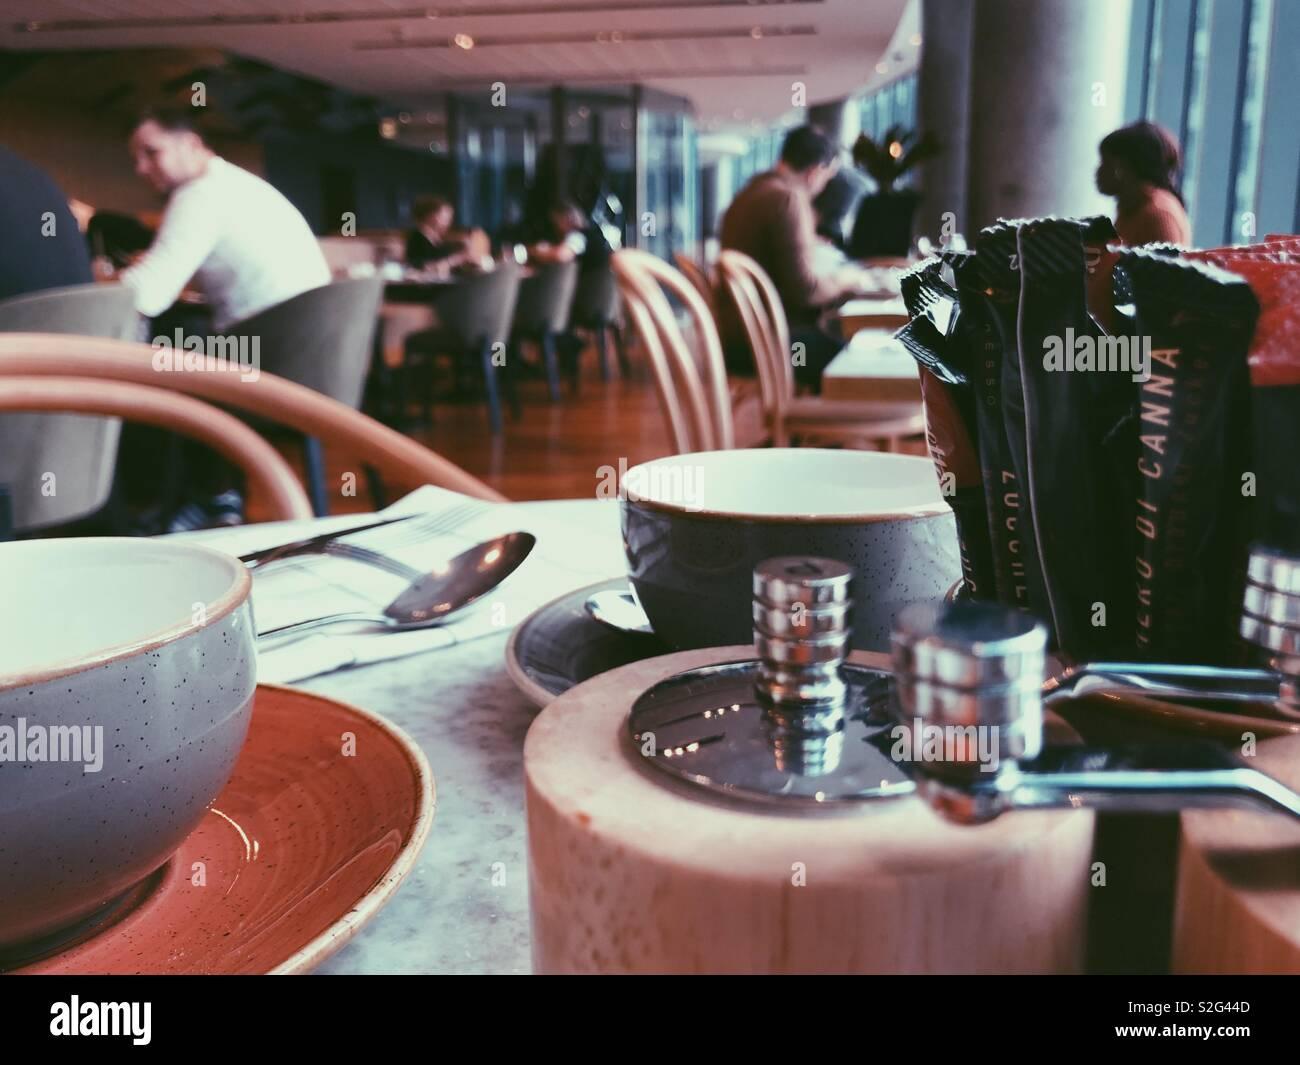 Voir à partir de la table des gens assis à des tables d'une pause buffet UK hôtel typique. Banque D'Images